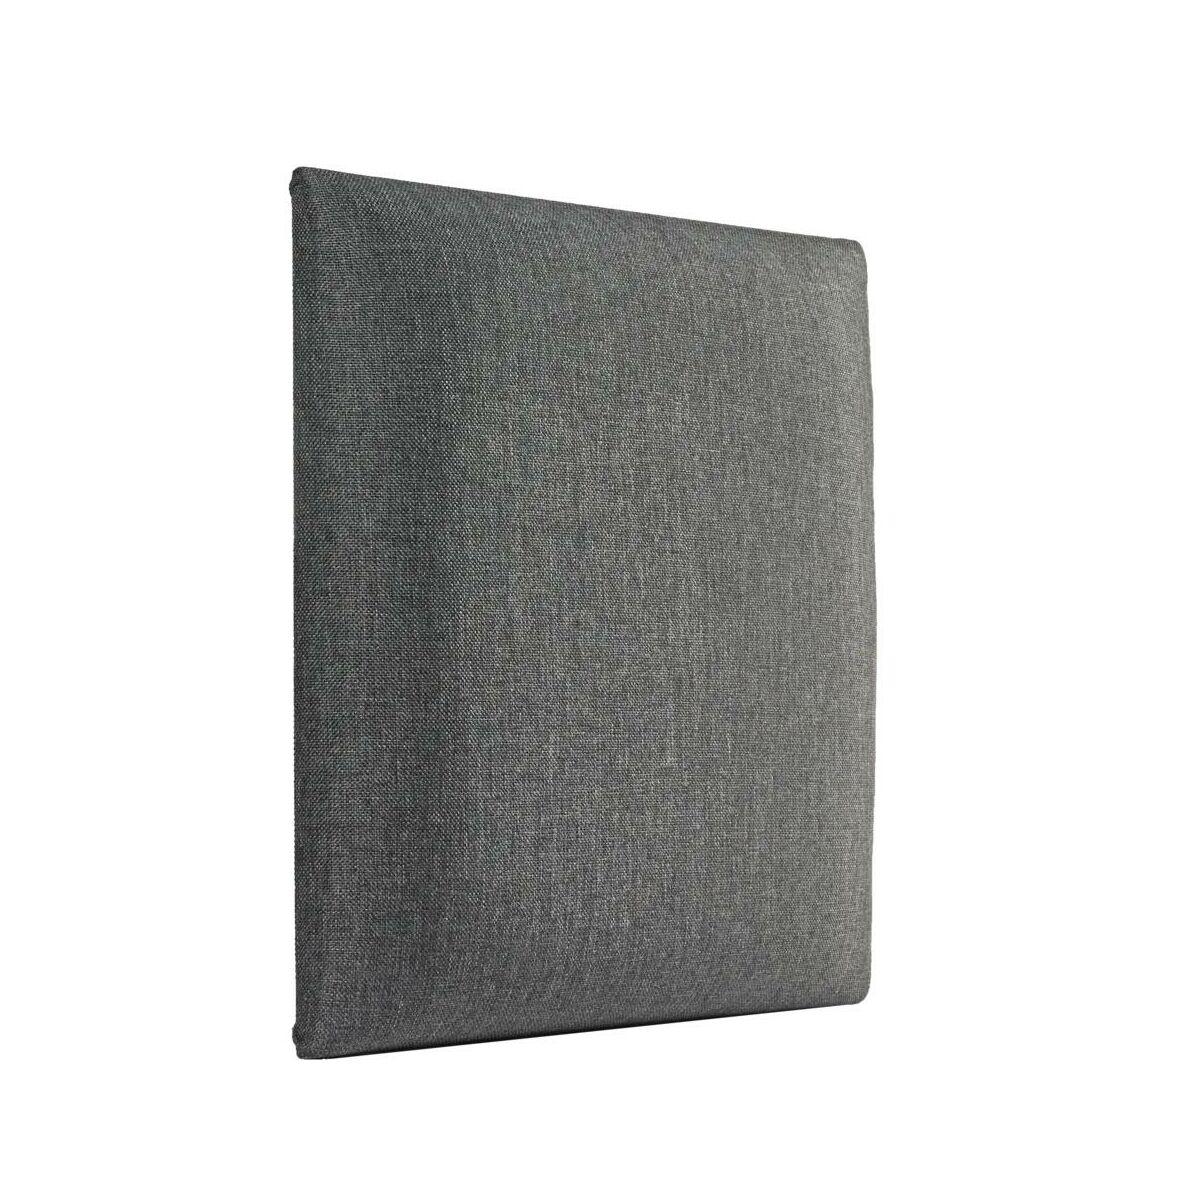 Panel Tapicerowany Ciemnoszary 30 X 30 Cm Panele Tapicerowane W Atrakcyjnej Cenie W Sklepach Leroy Merlin